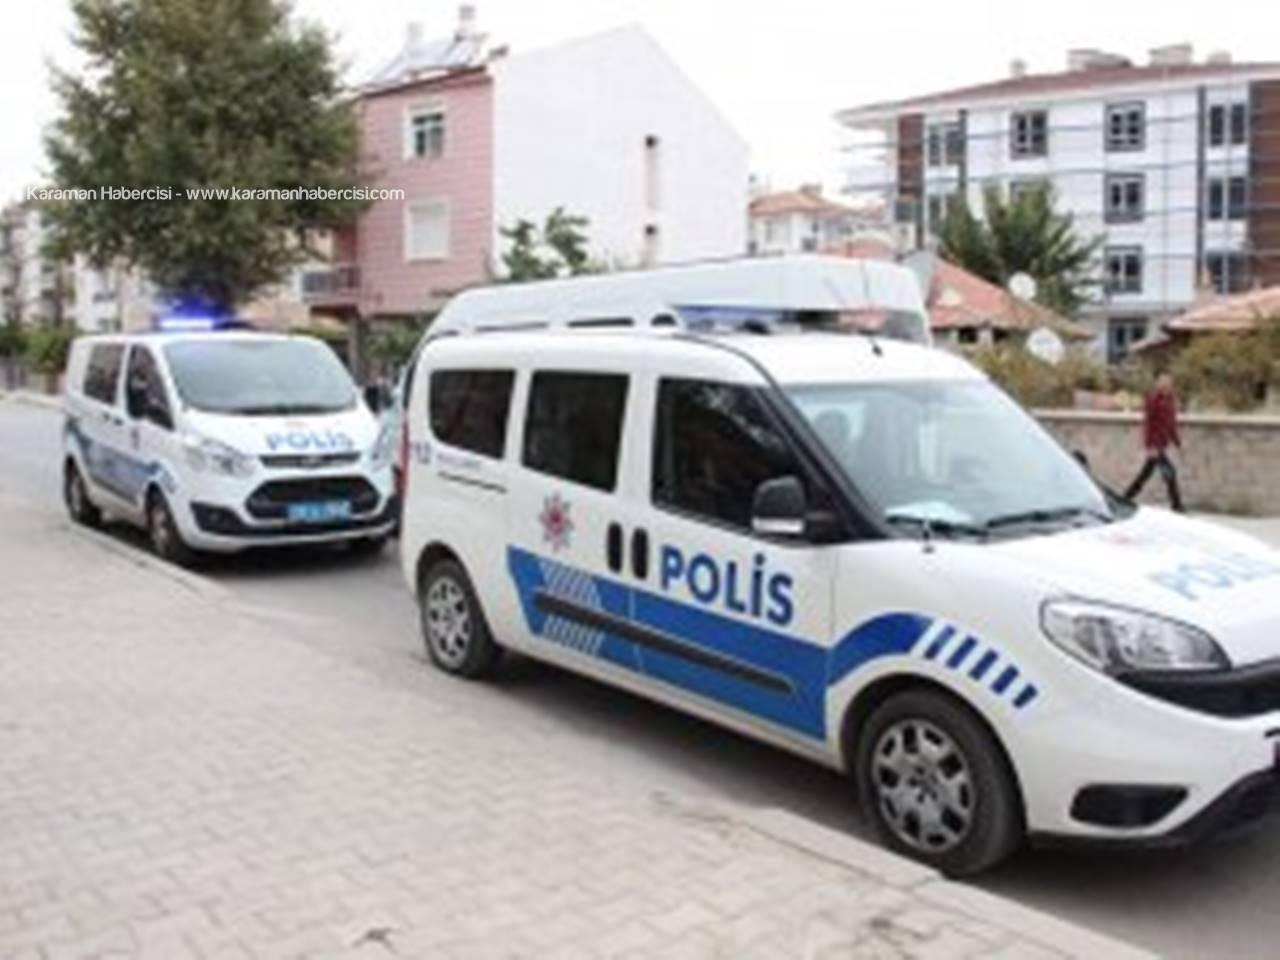 Karaman'da Çakmak Gazı Patladı: 2 Çocuk Yaralı